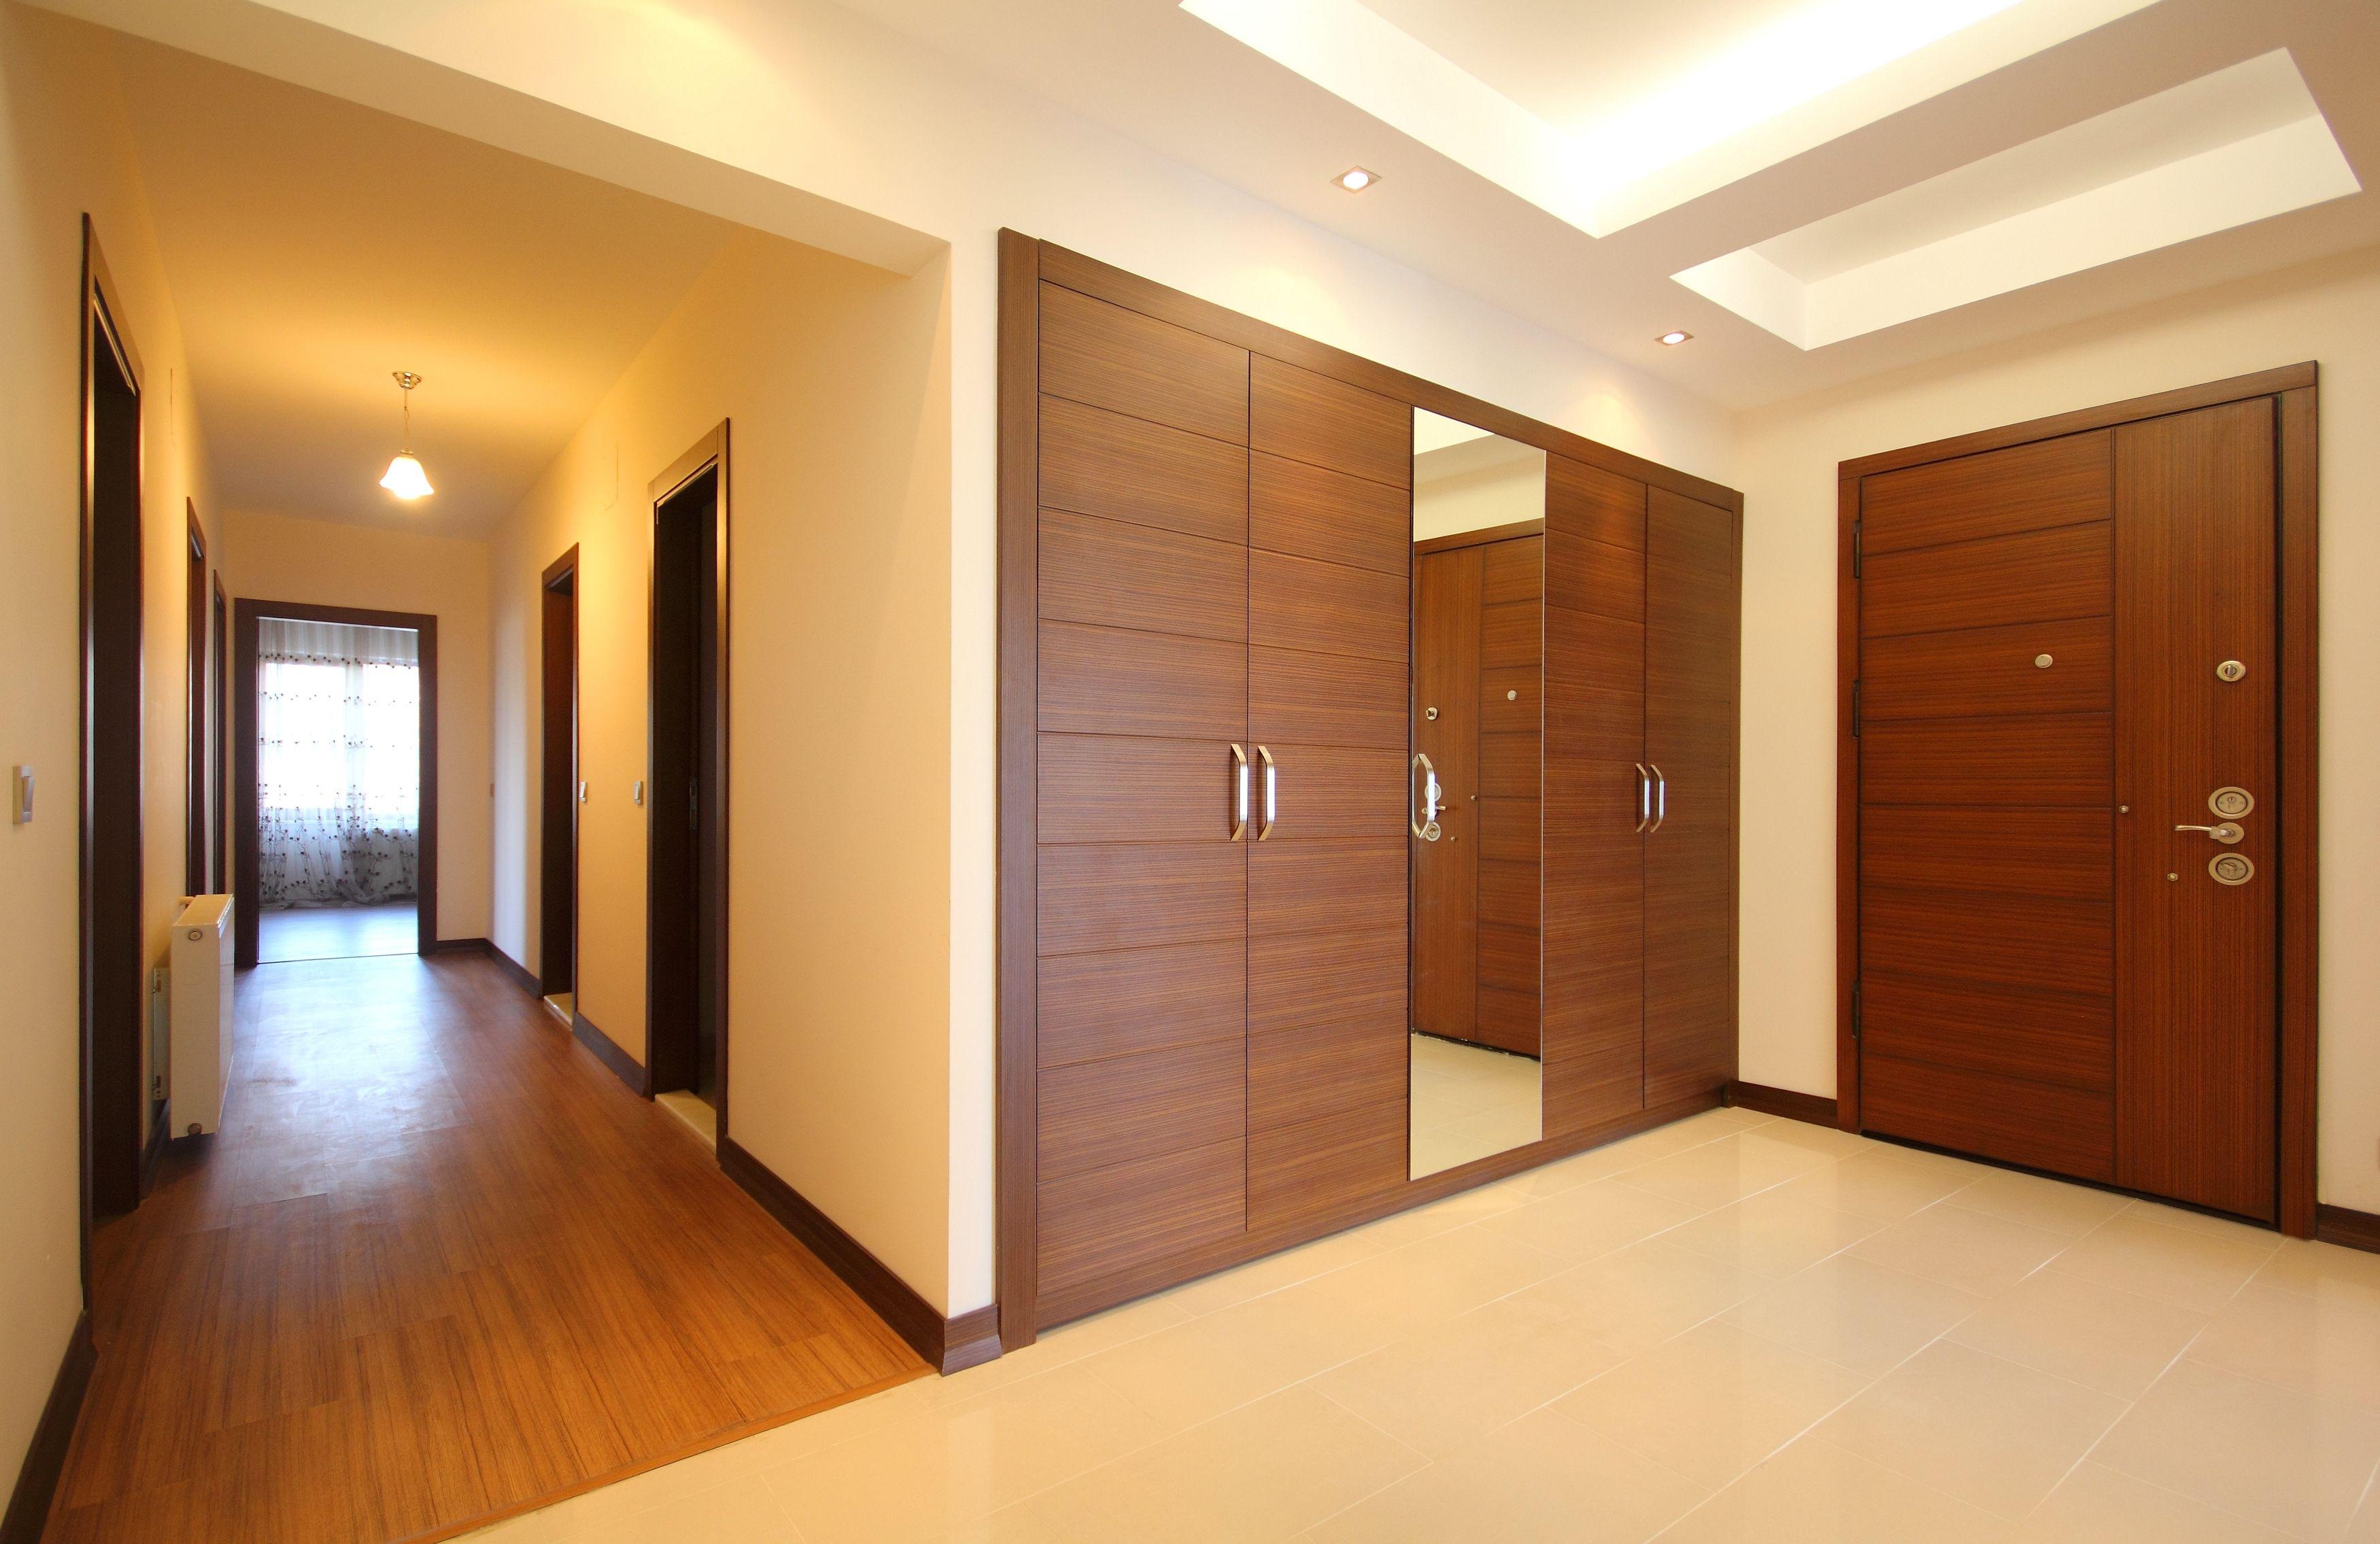 Carpintería metálica y de madera: Albañilería y reformas de Construcciones y Reformas Gallardo